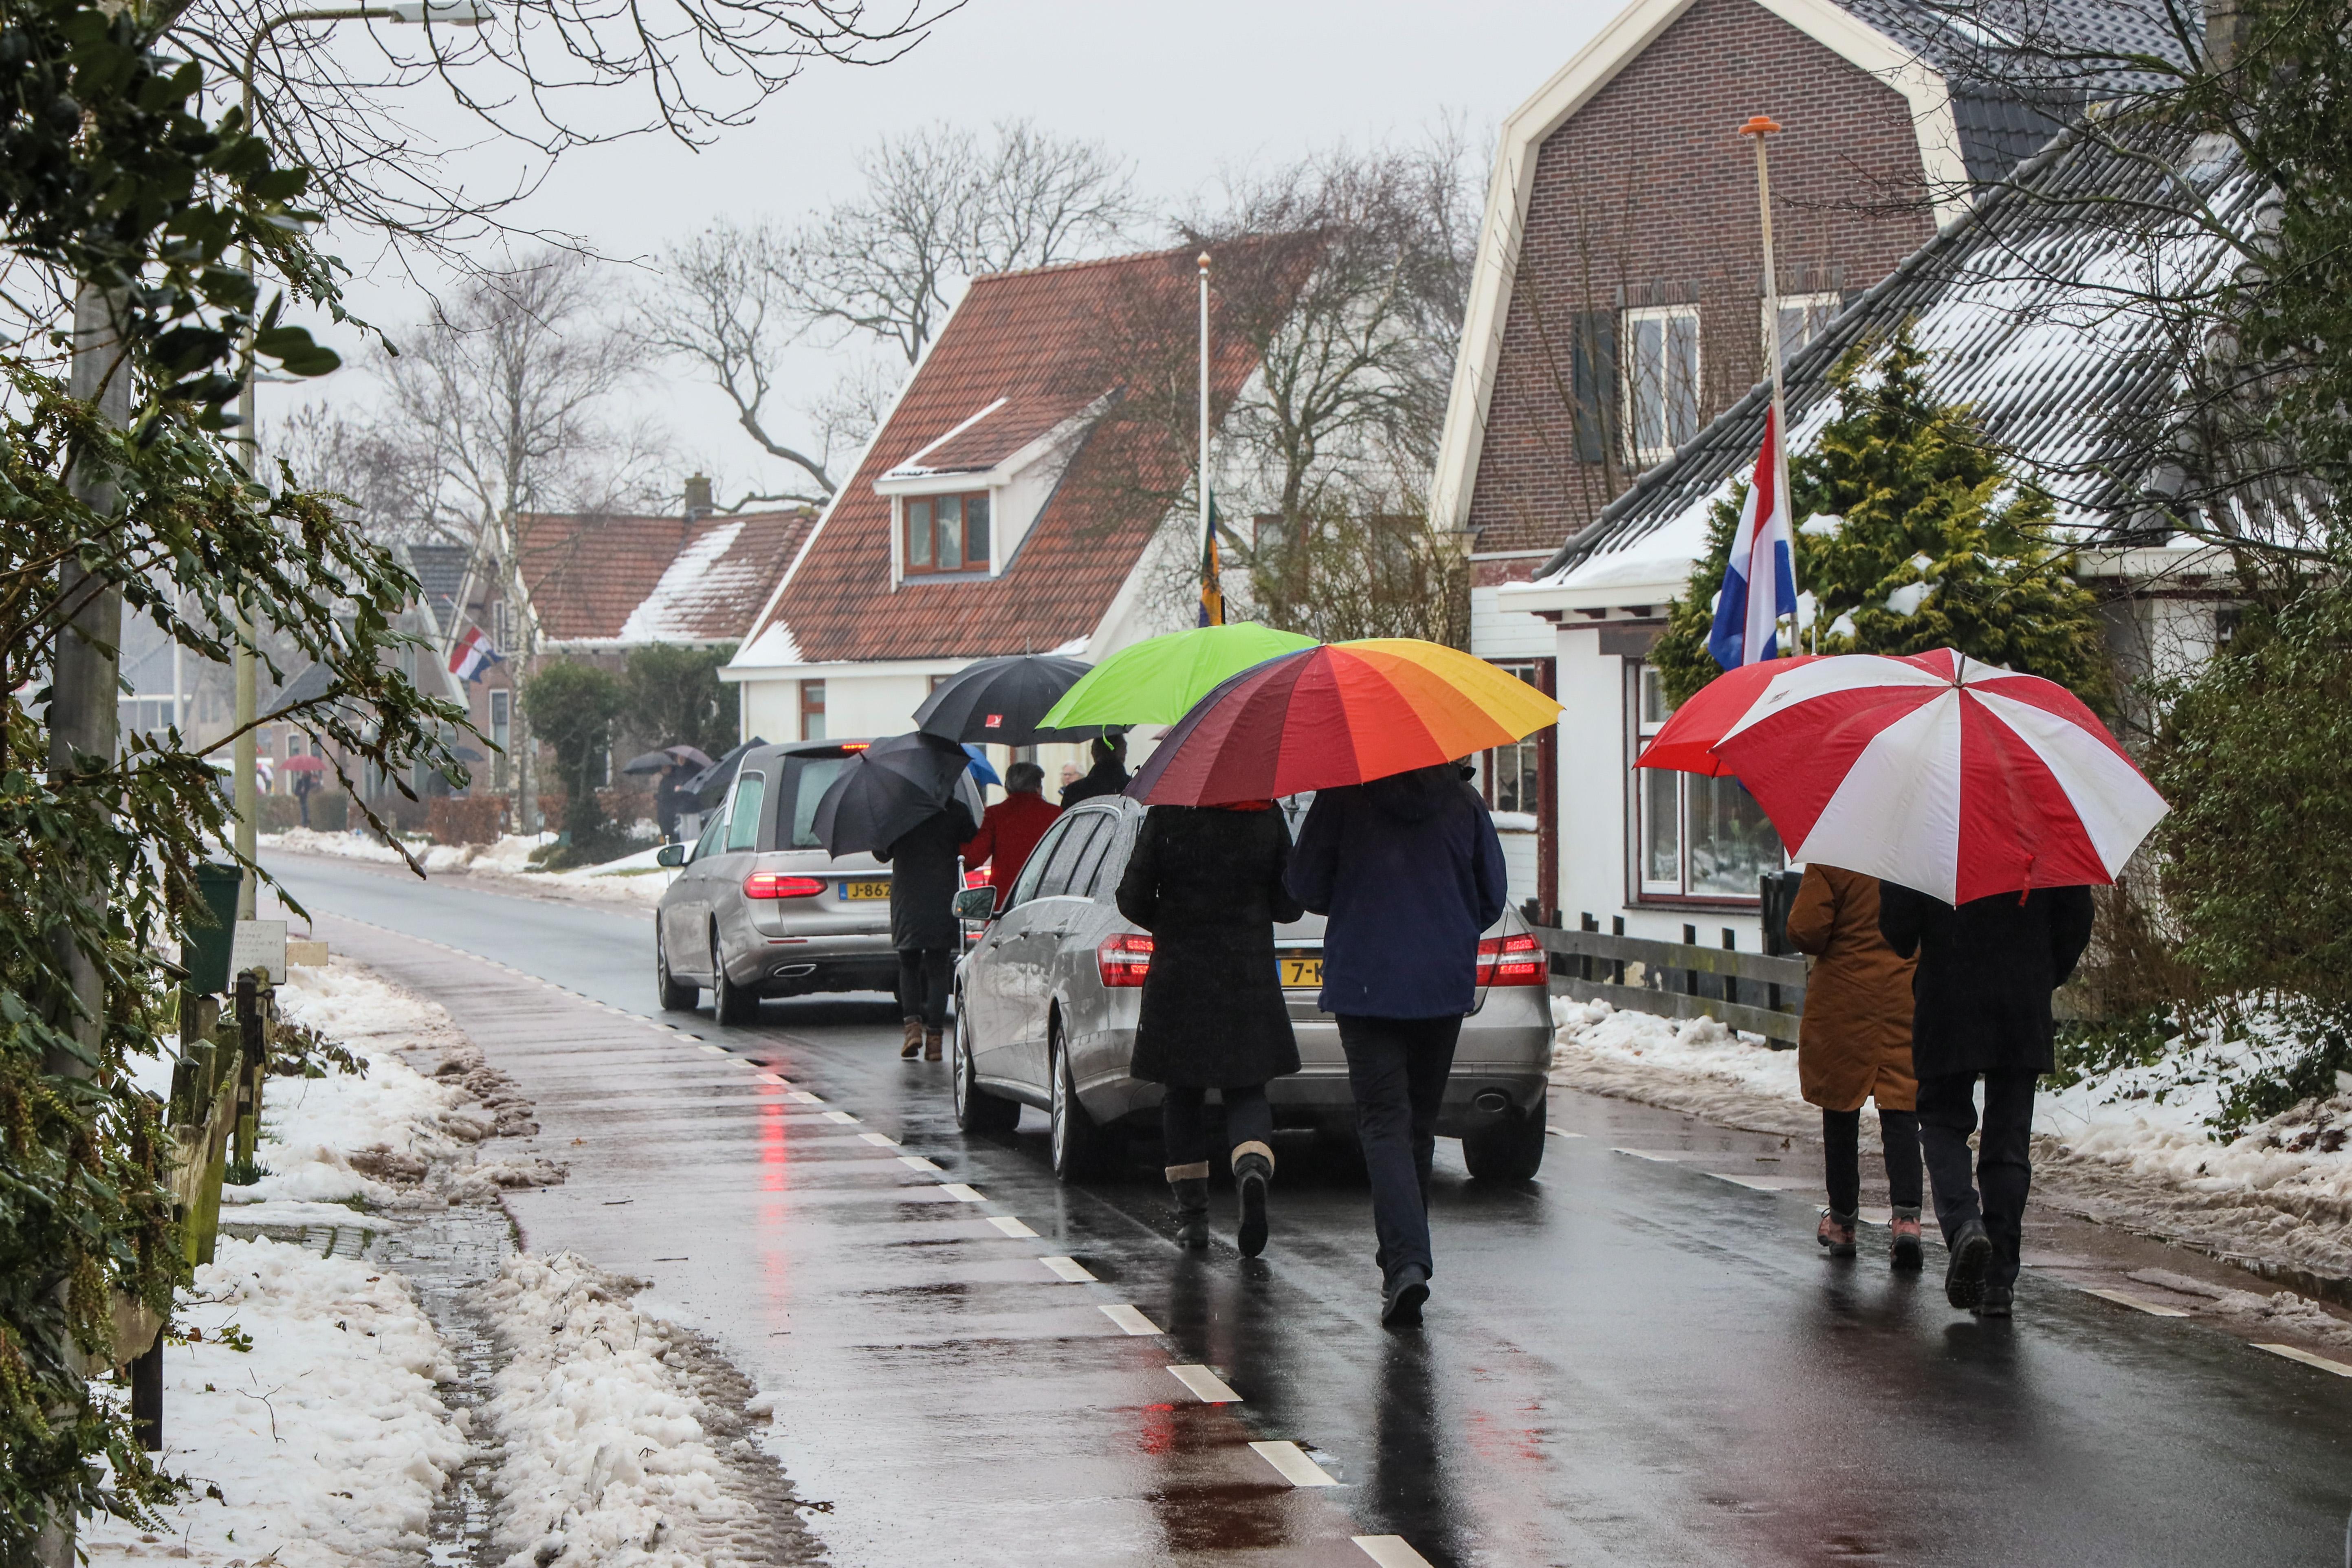 Tranen voor burgemeester GertJan Nijpels van Opmeer [video]